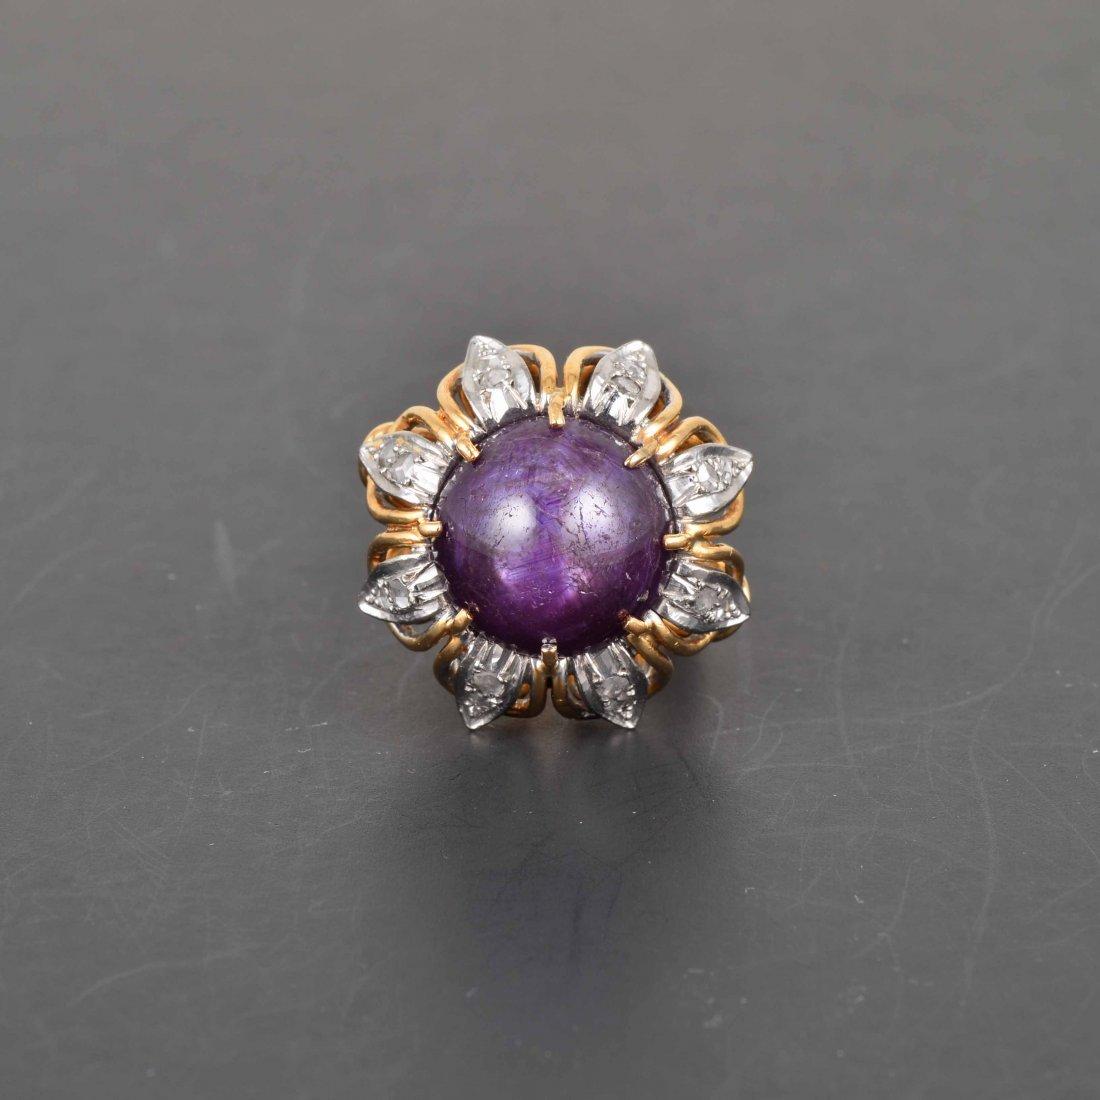 14K YG purple Stones with Diamond Ring